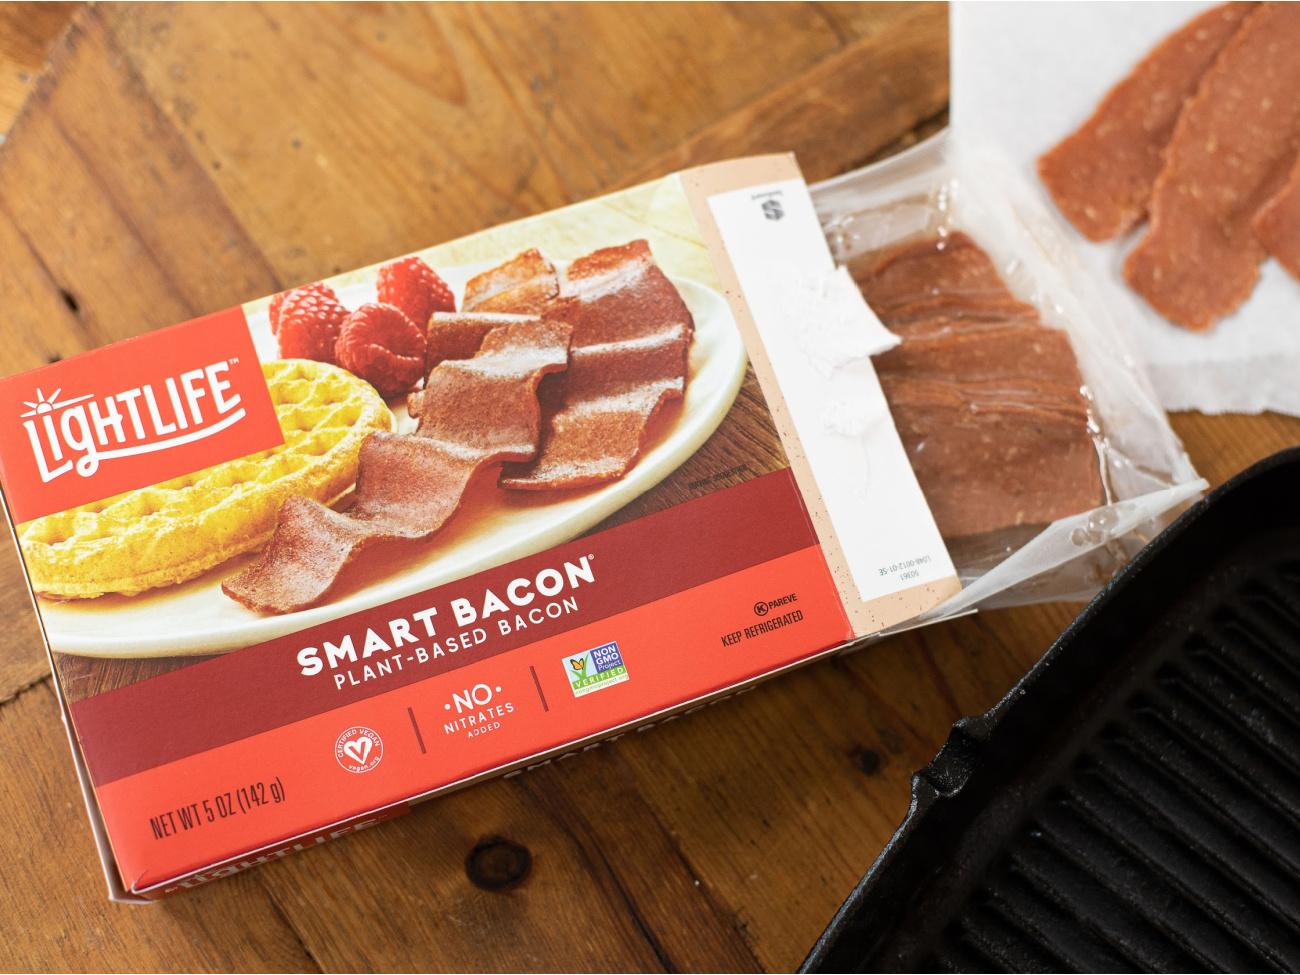 Lightlife Smart Bacon Just $1.99 At Publix on I Heart Publix